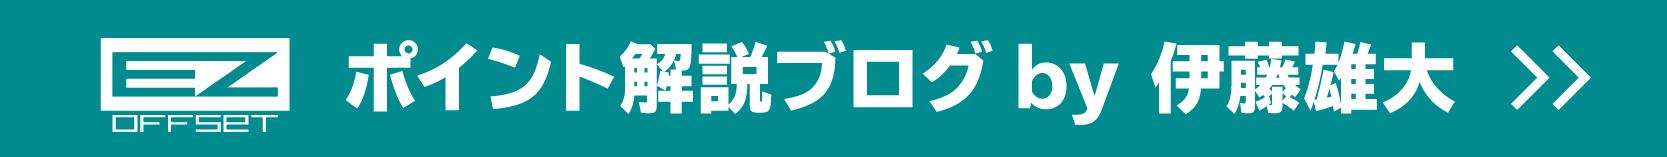 ポイント解説ブログby伊藤雄大